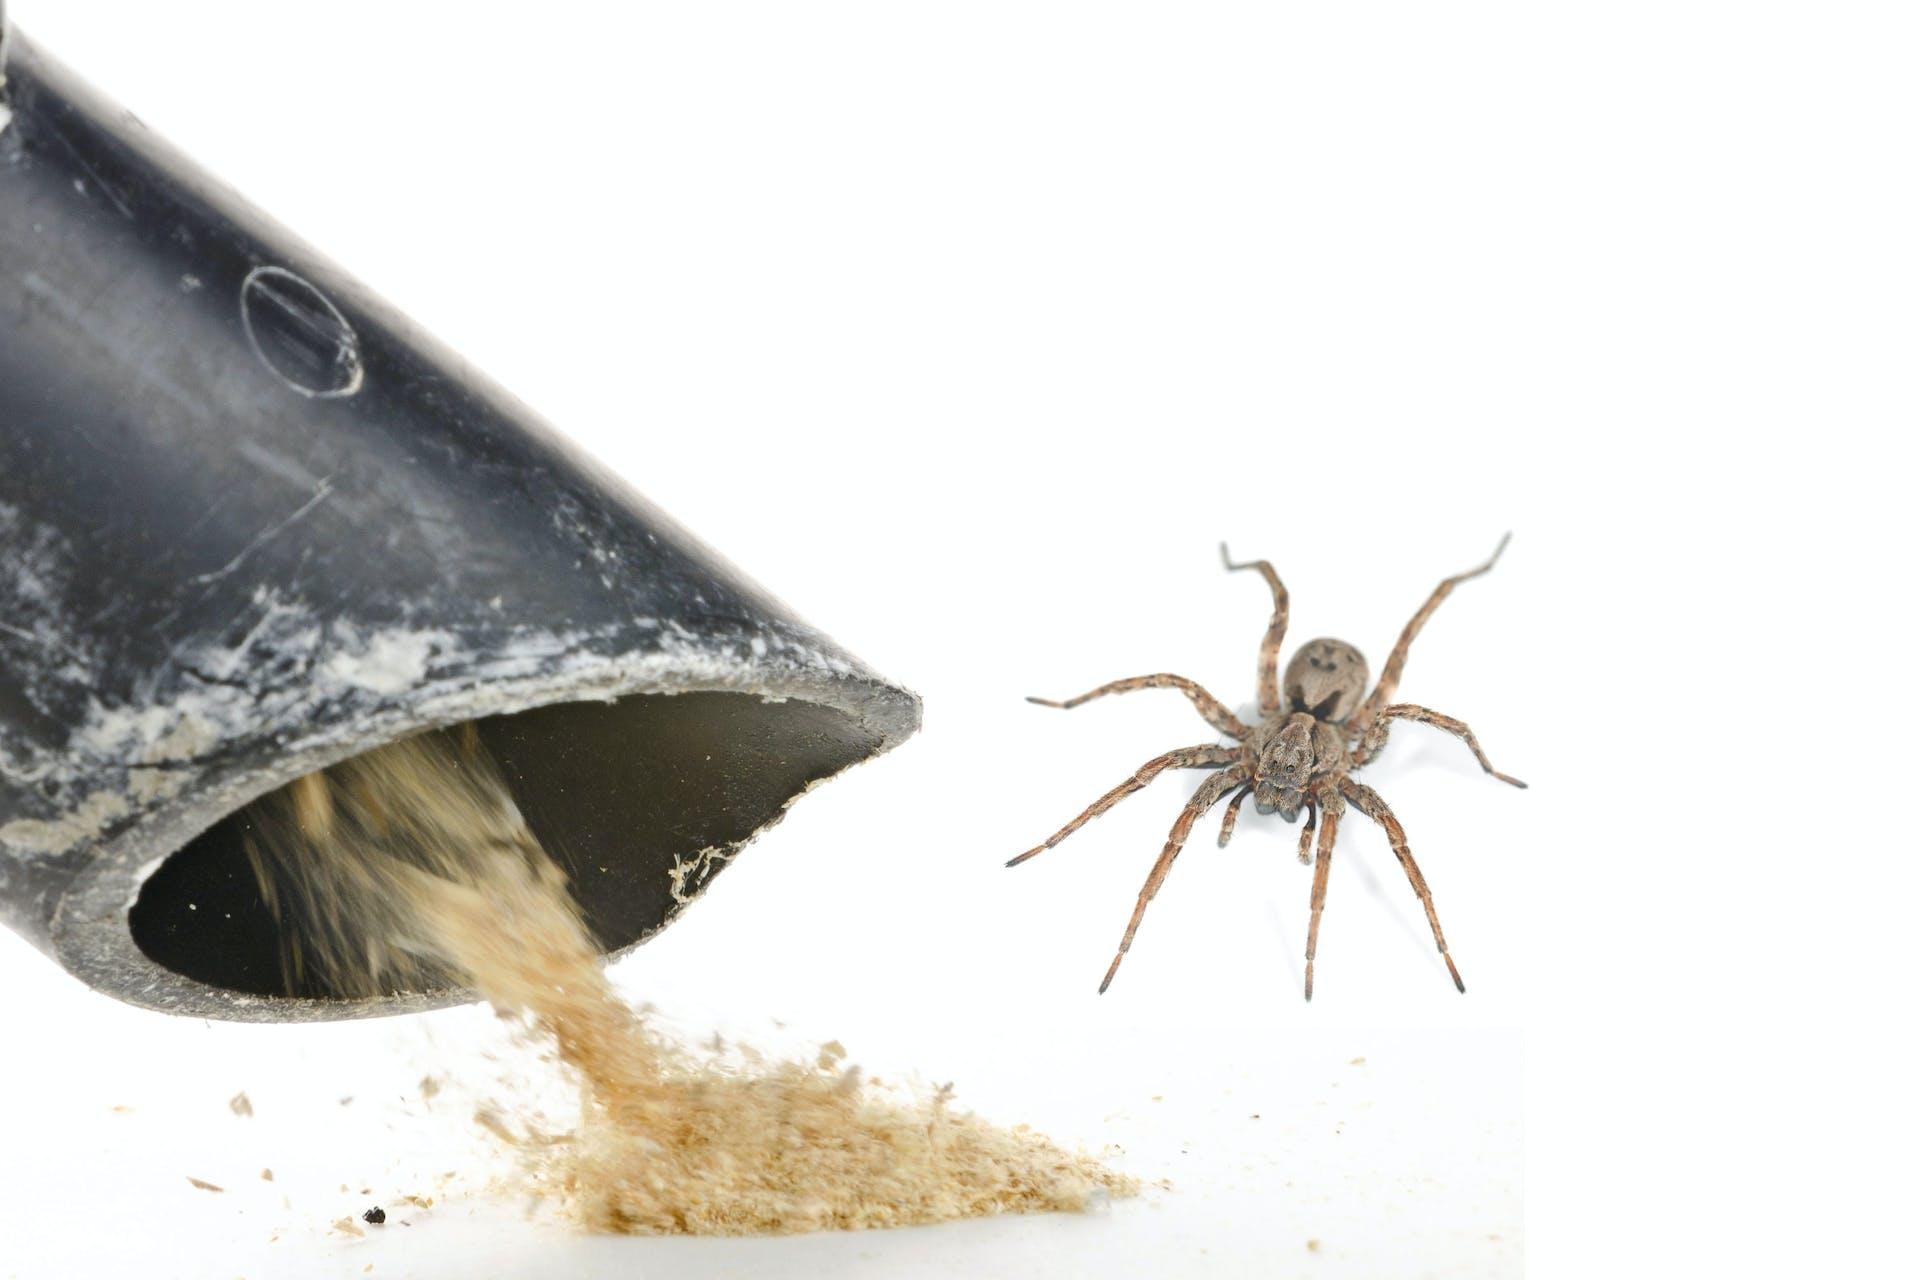 Spider vacuum